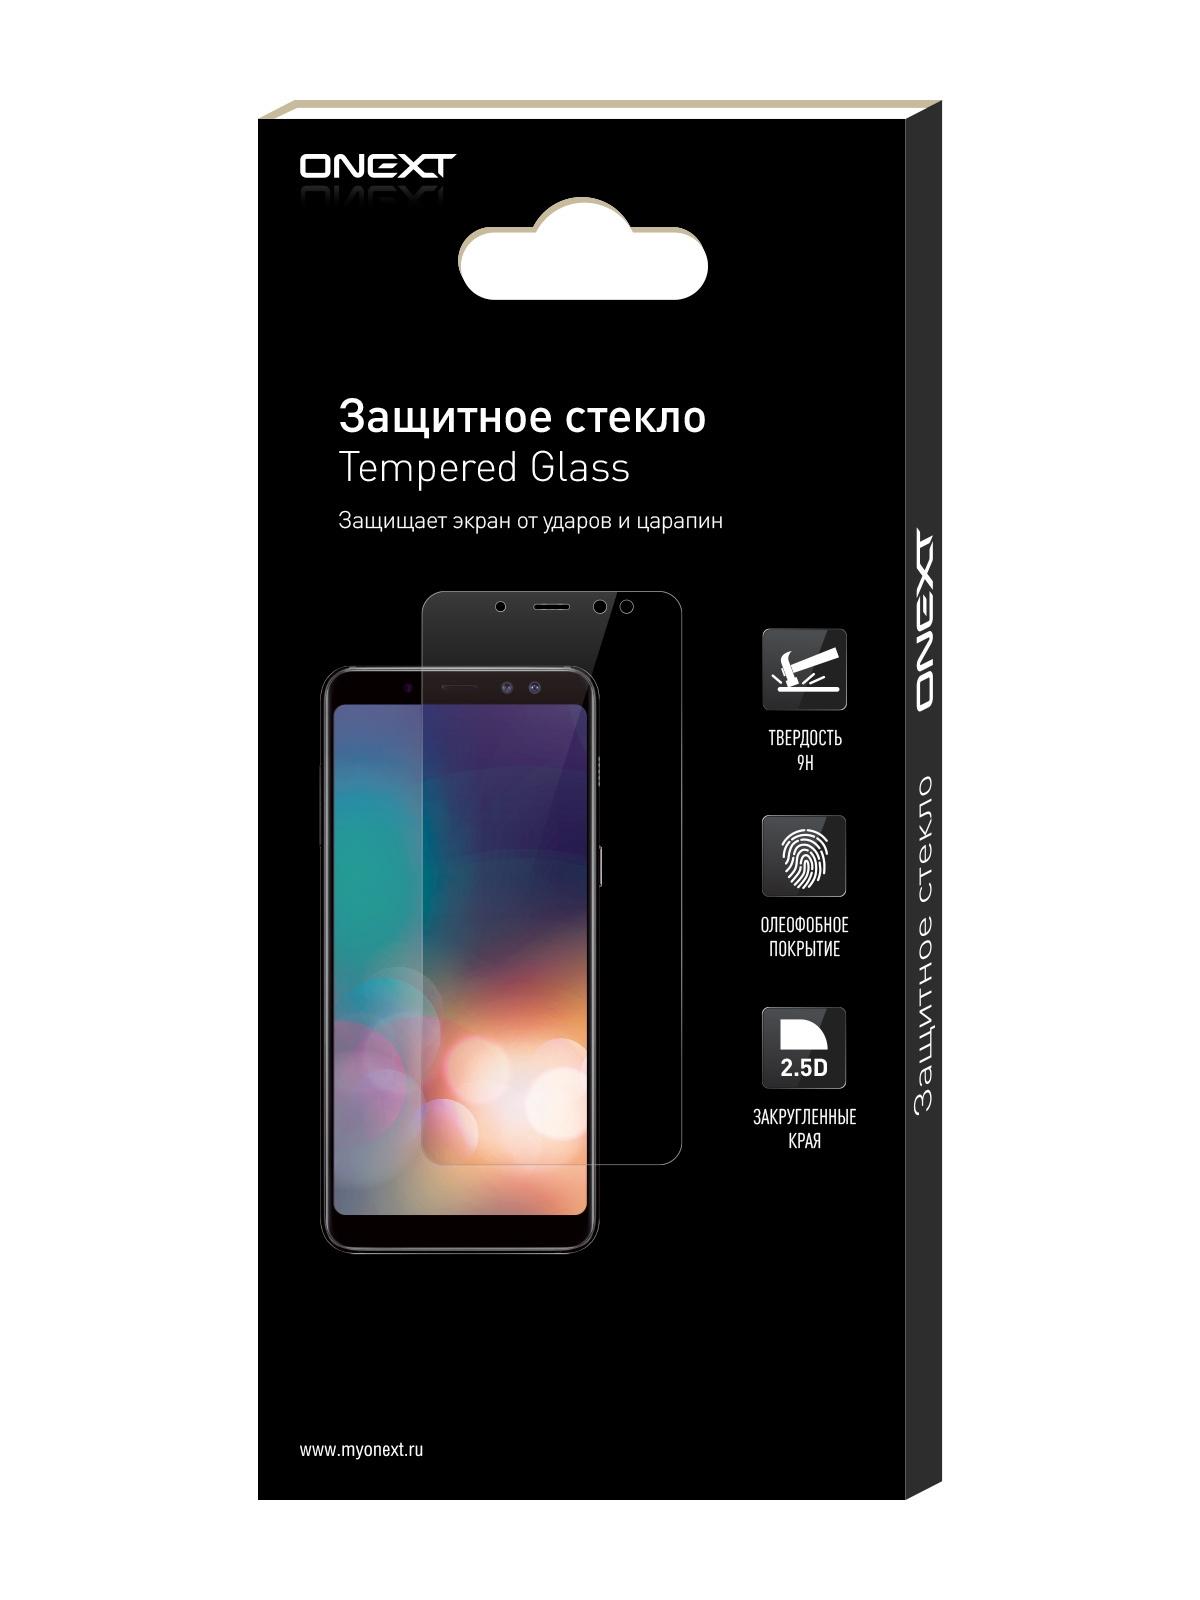 Защитное стекло Onext iPhone 5/5C/5S/SE, 41510, прозрачный аксессуар защитное стекло onext for iphone 5 5s 5c